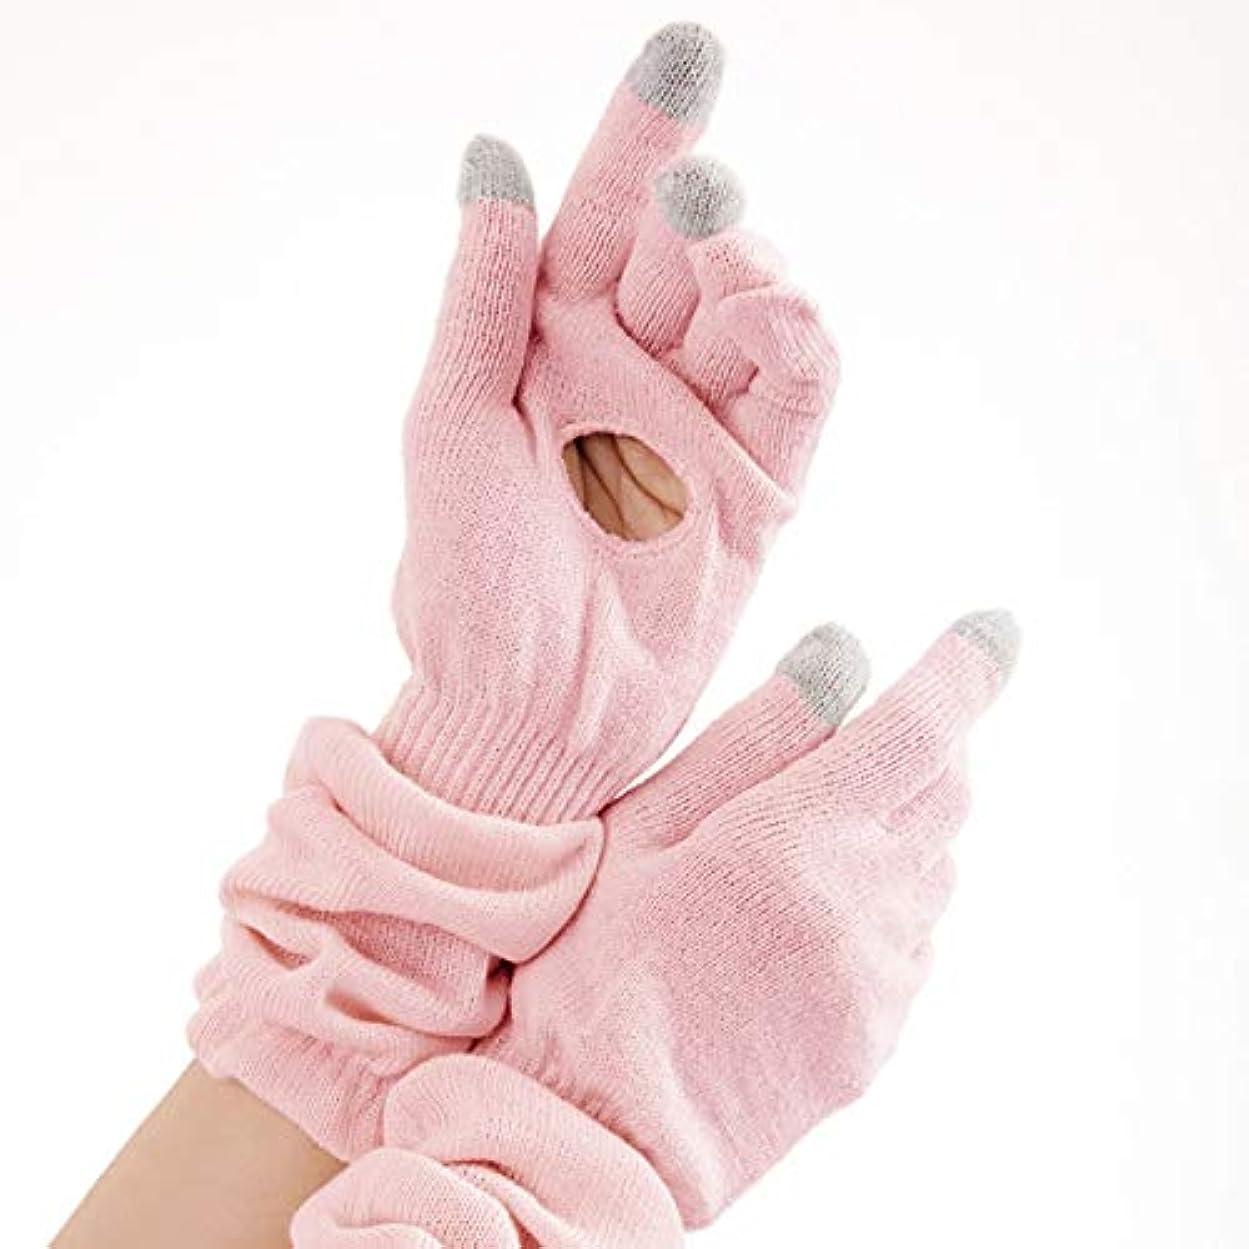 毎月考えた見込みアルファックス 手袋 シルク混 ふんわりオープンホール 手袋 ピンク 1双入 AP-431329   手のひらホール 蒸れない 快眠 手荒れ 乾燥対策 やさしい シルク 腕周りゆったりゴム しめつけない ラクラク 優しい...